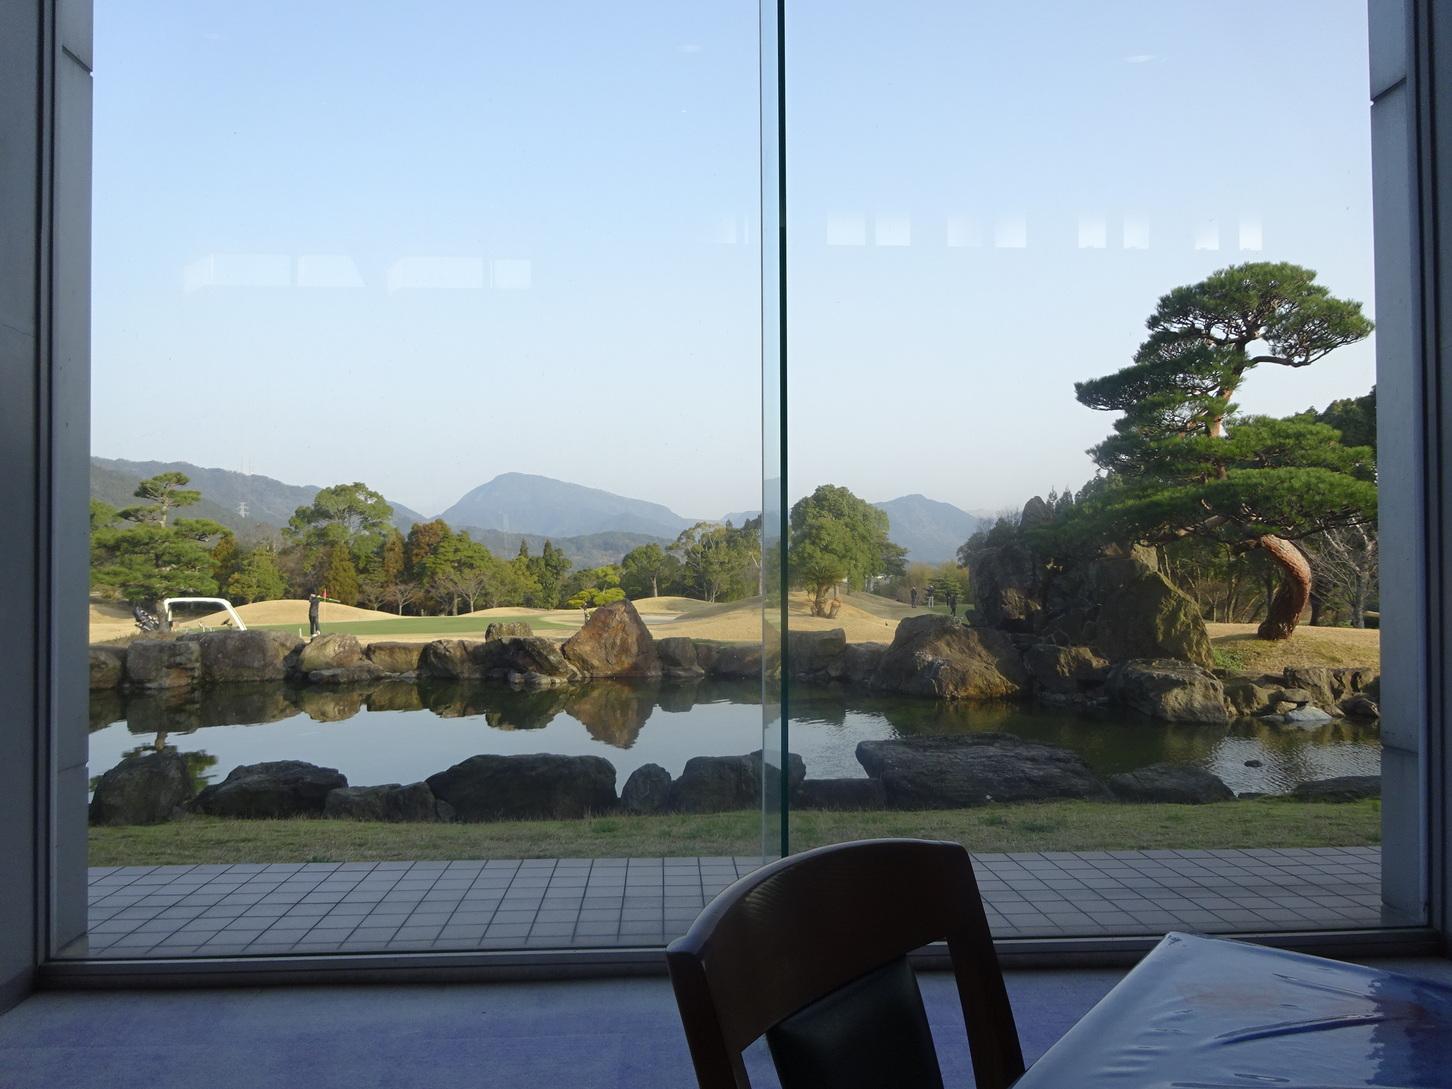 チェリーゴルフクラブ小倉南コース レストラン